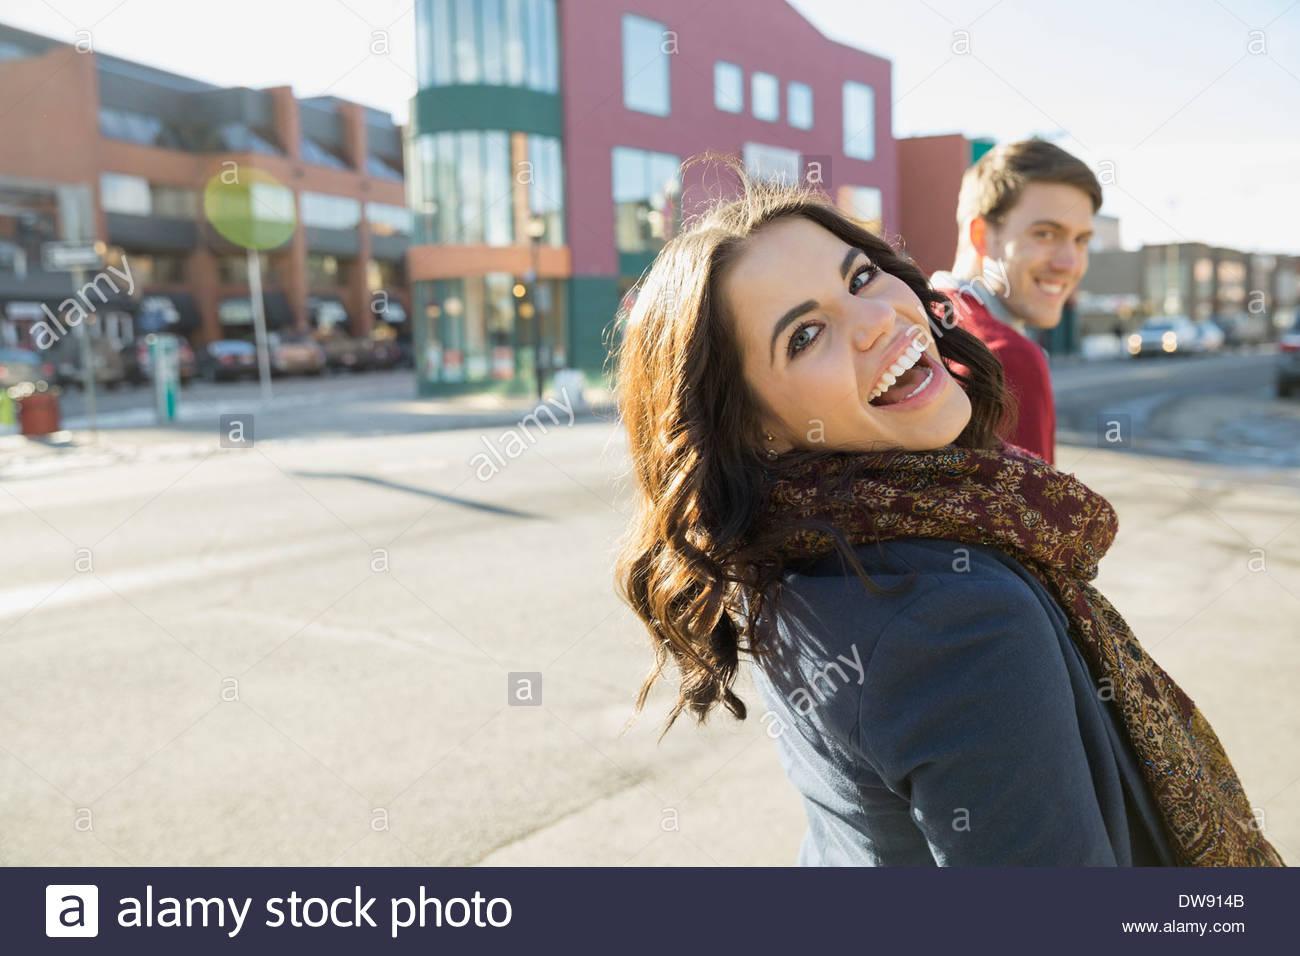 Mujer alegre mirando hacia atrás en las calles de la ciudad Imagen De Stock